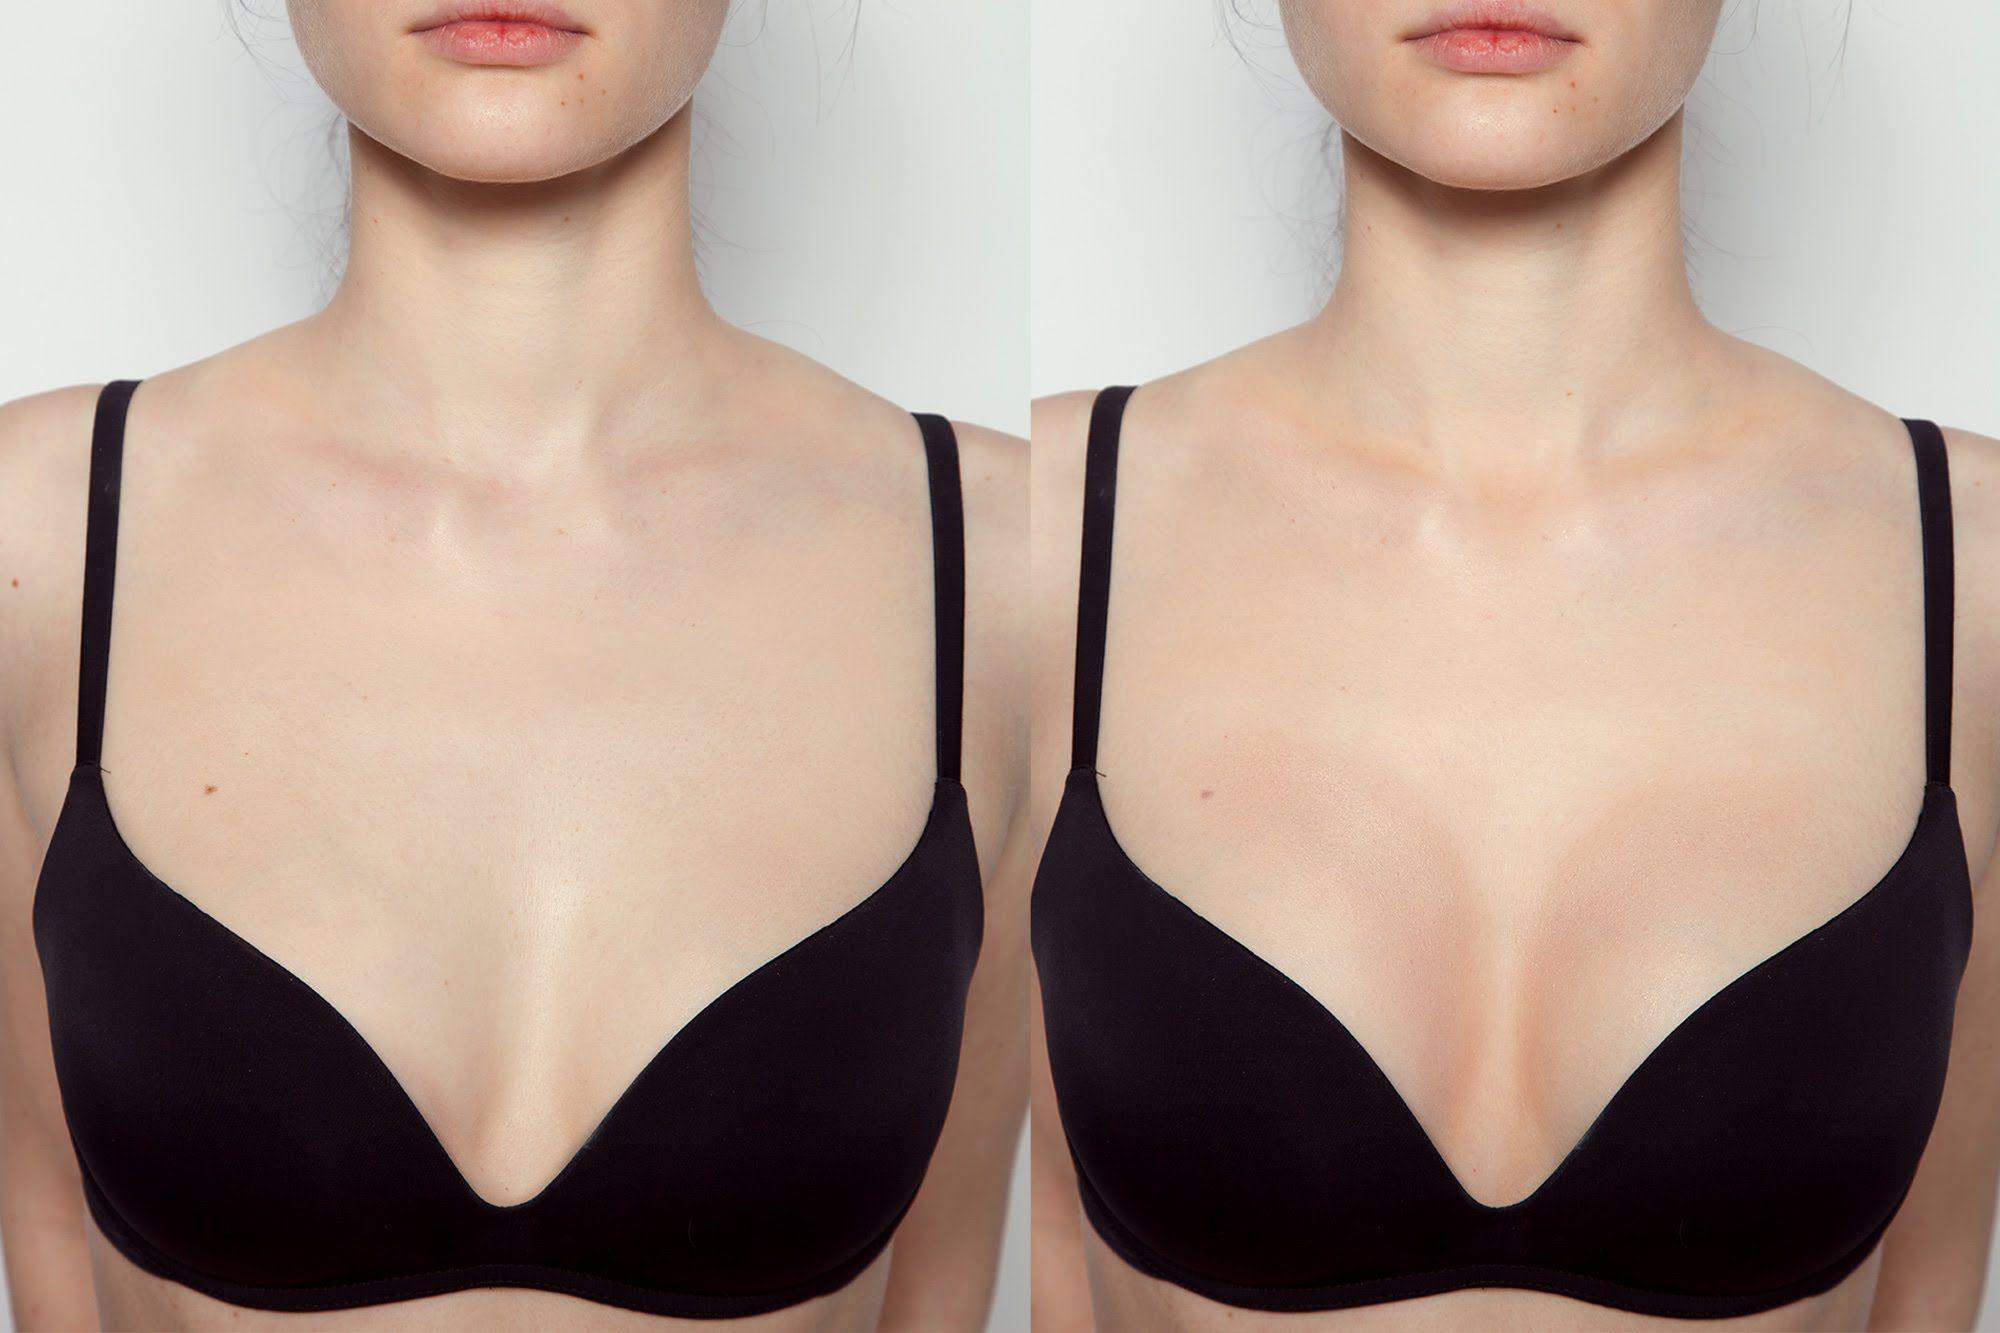 обвисшая и нормальная грудь